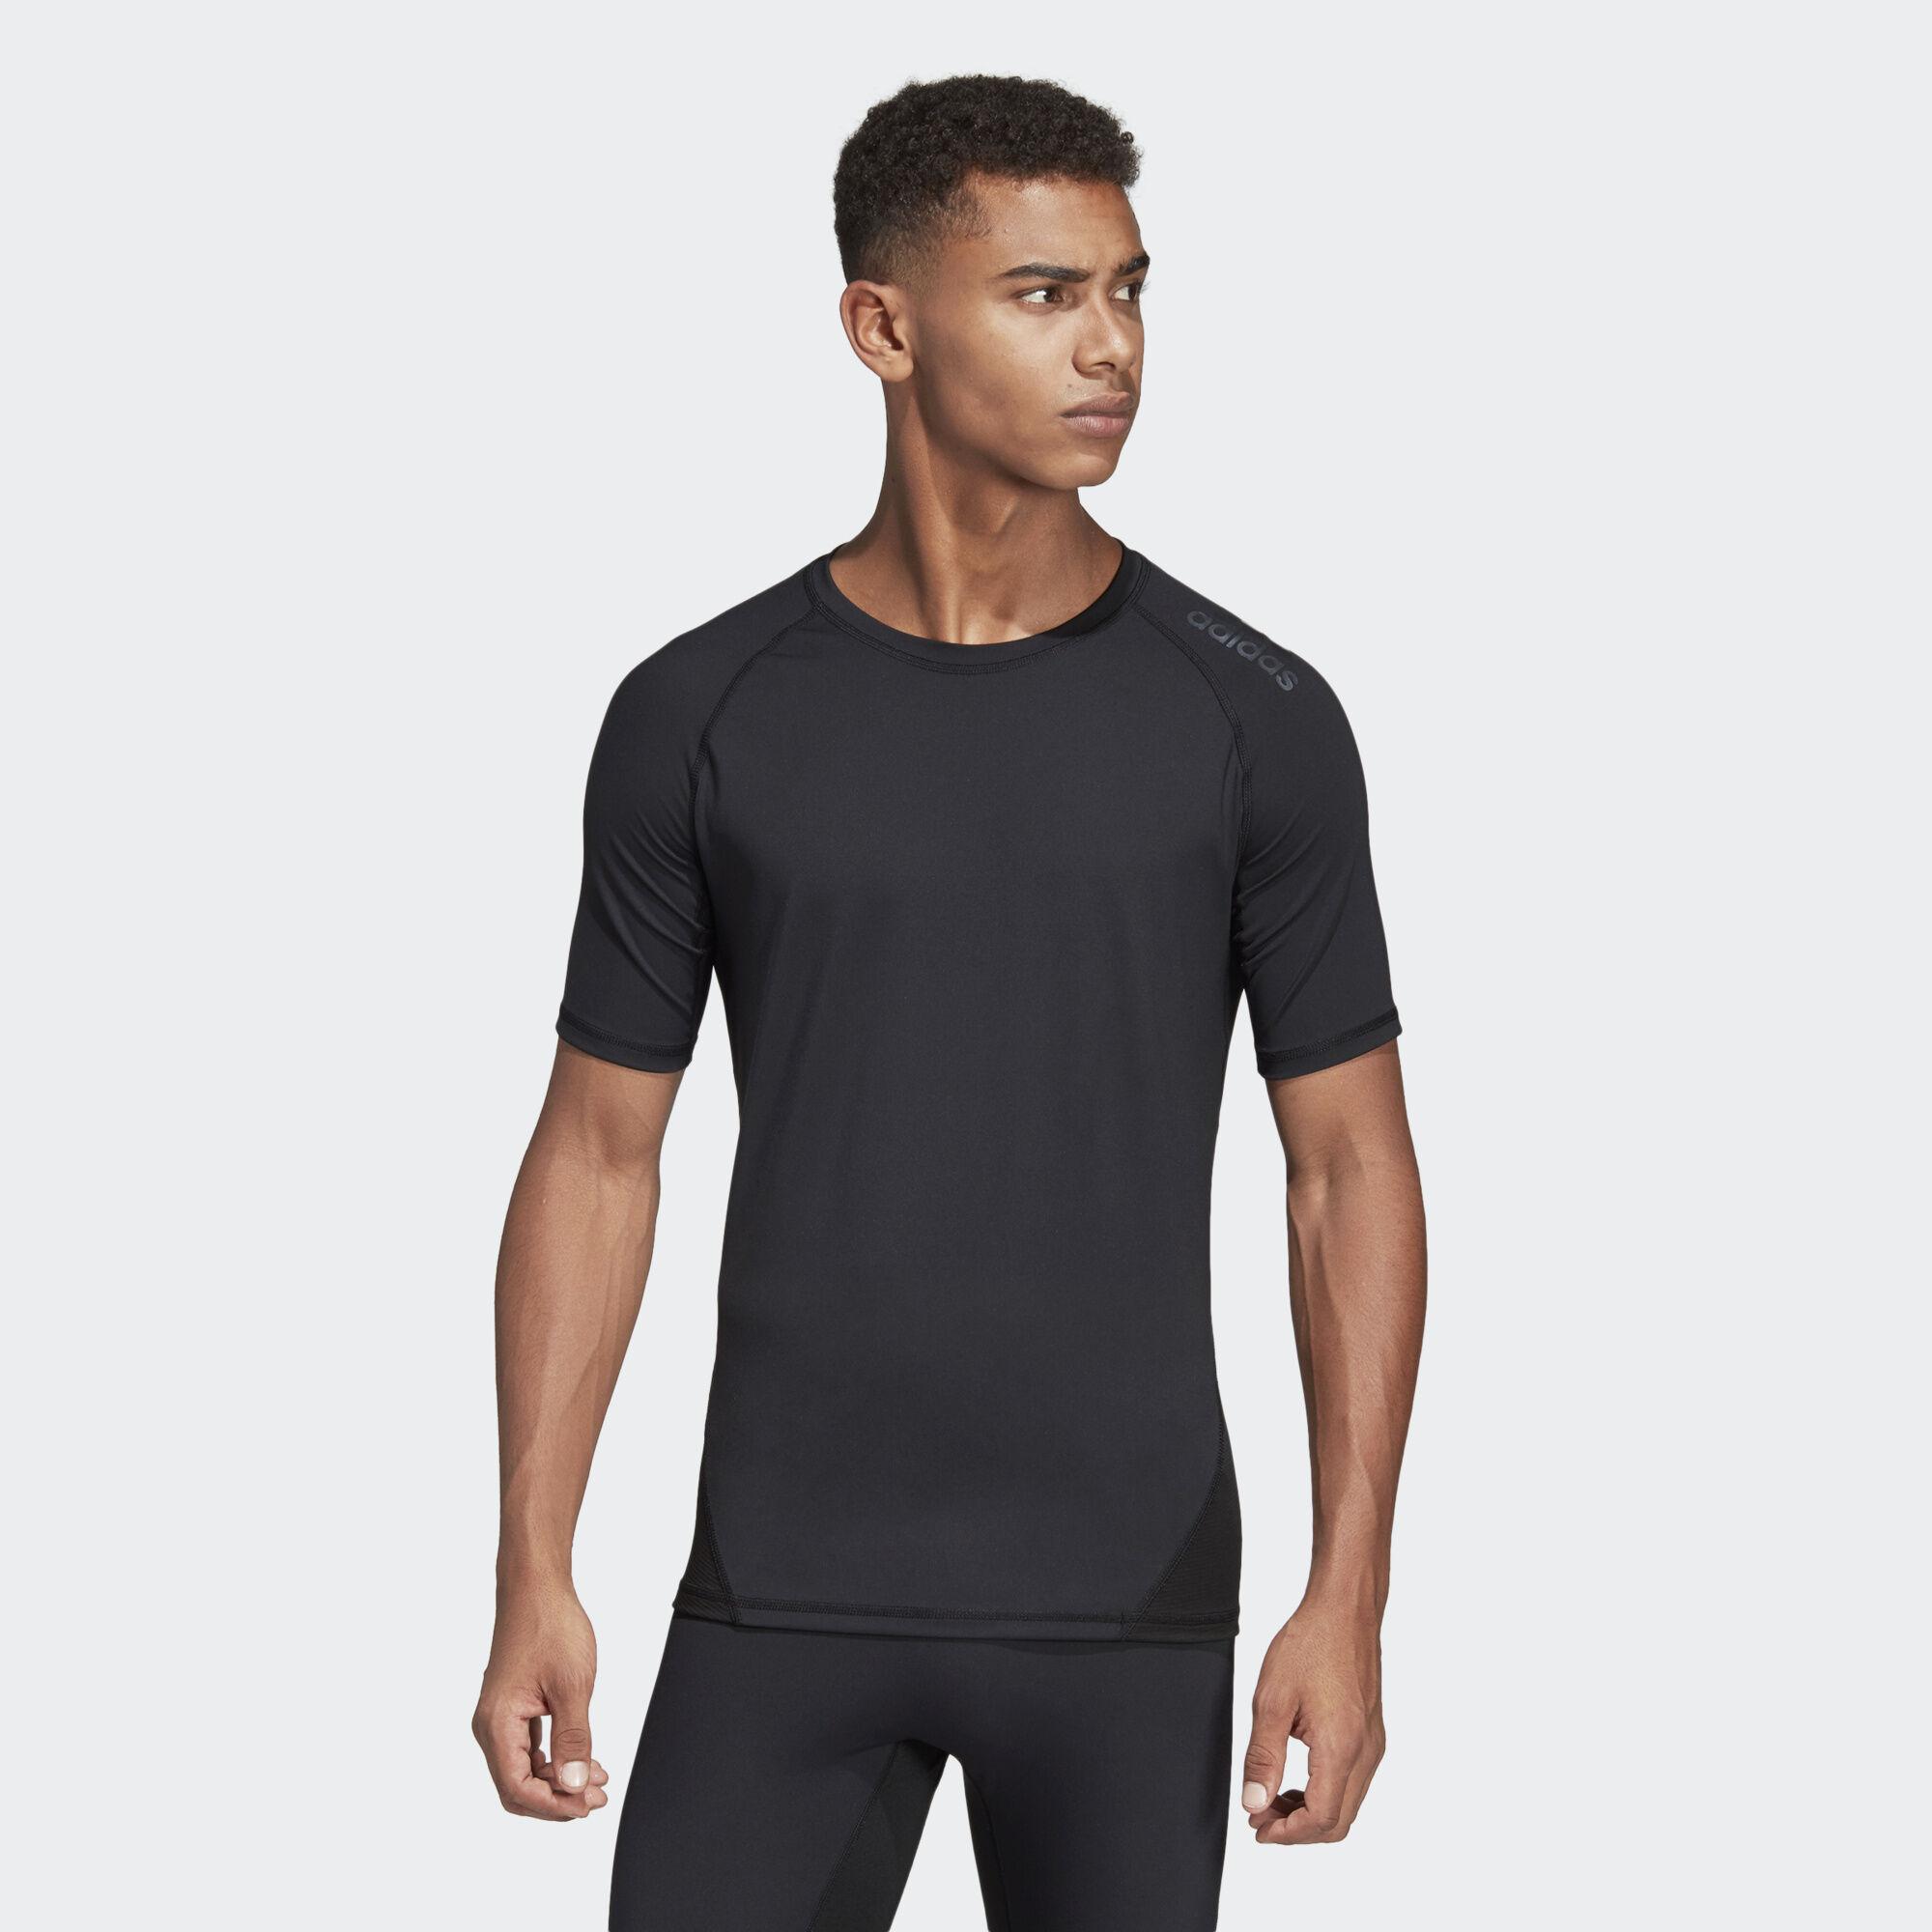 Mens Compression T Shirt